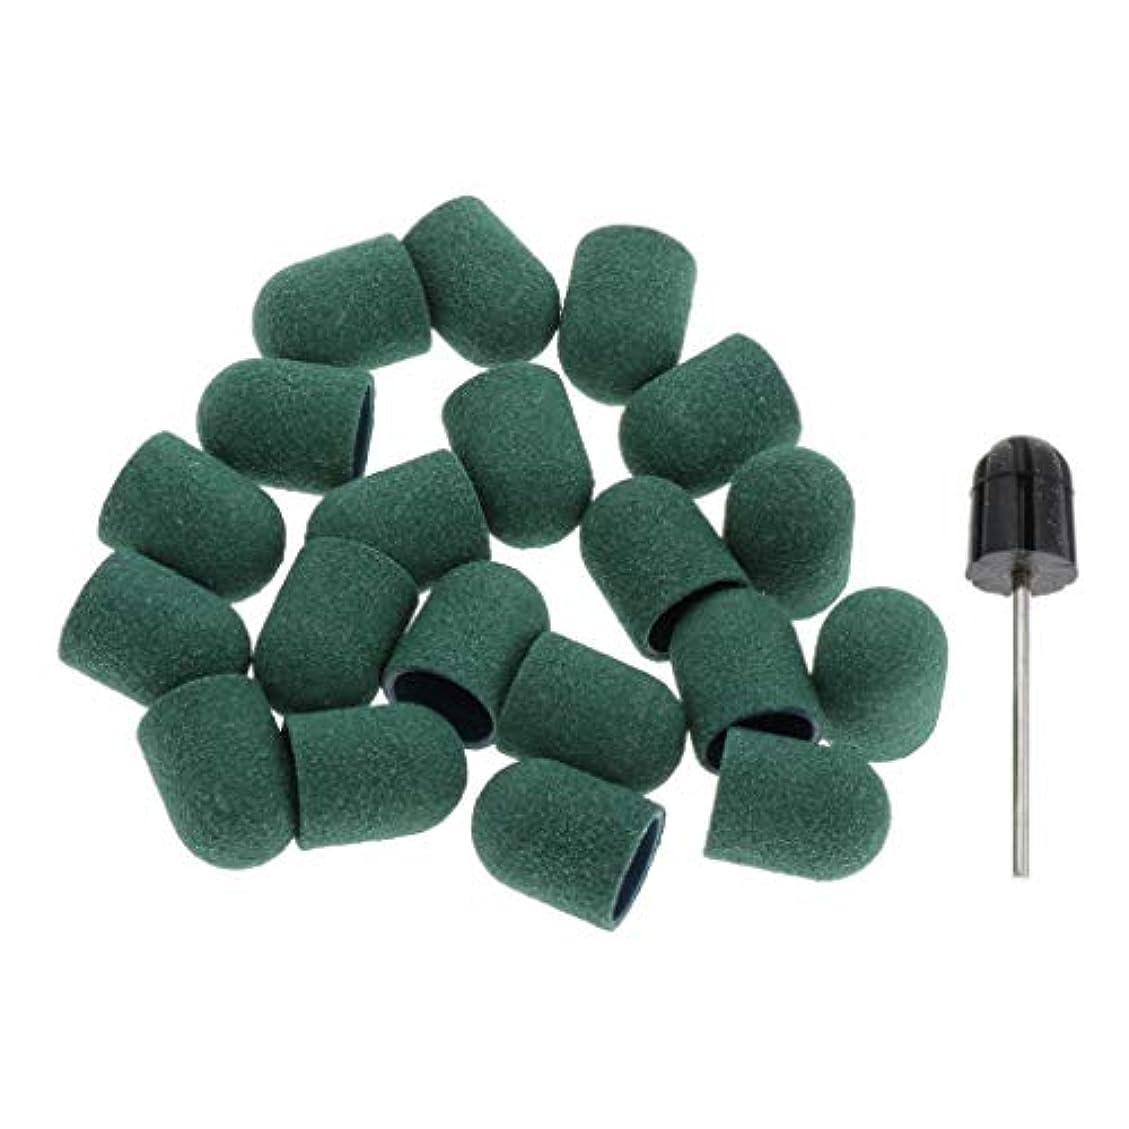 弱めるマーカー銀河T TOOYFUL ネイル ドリルビットバフ 研削ビットバフ 研磨ビットキャップ サンドペーパー素材 約20本 全5カラー - 緑